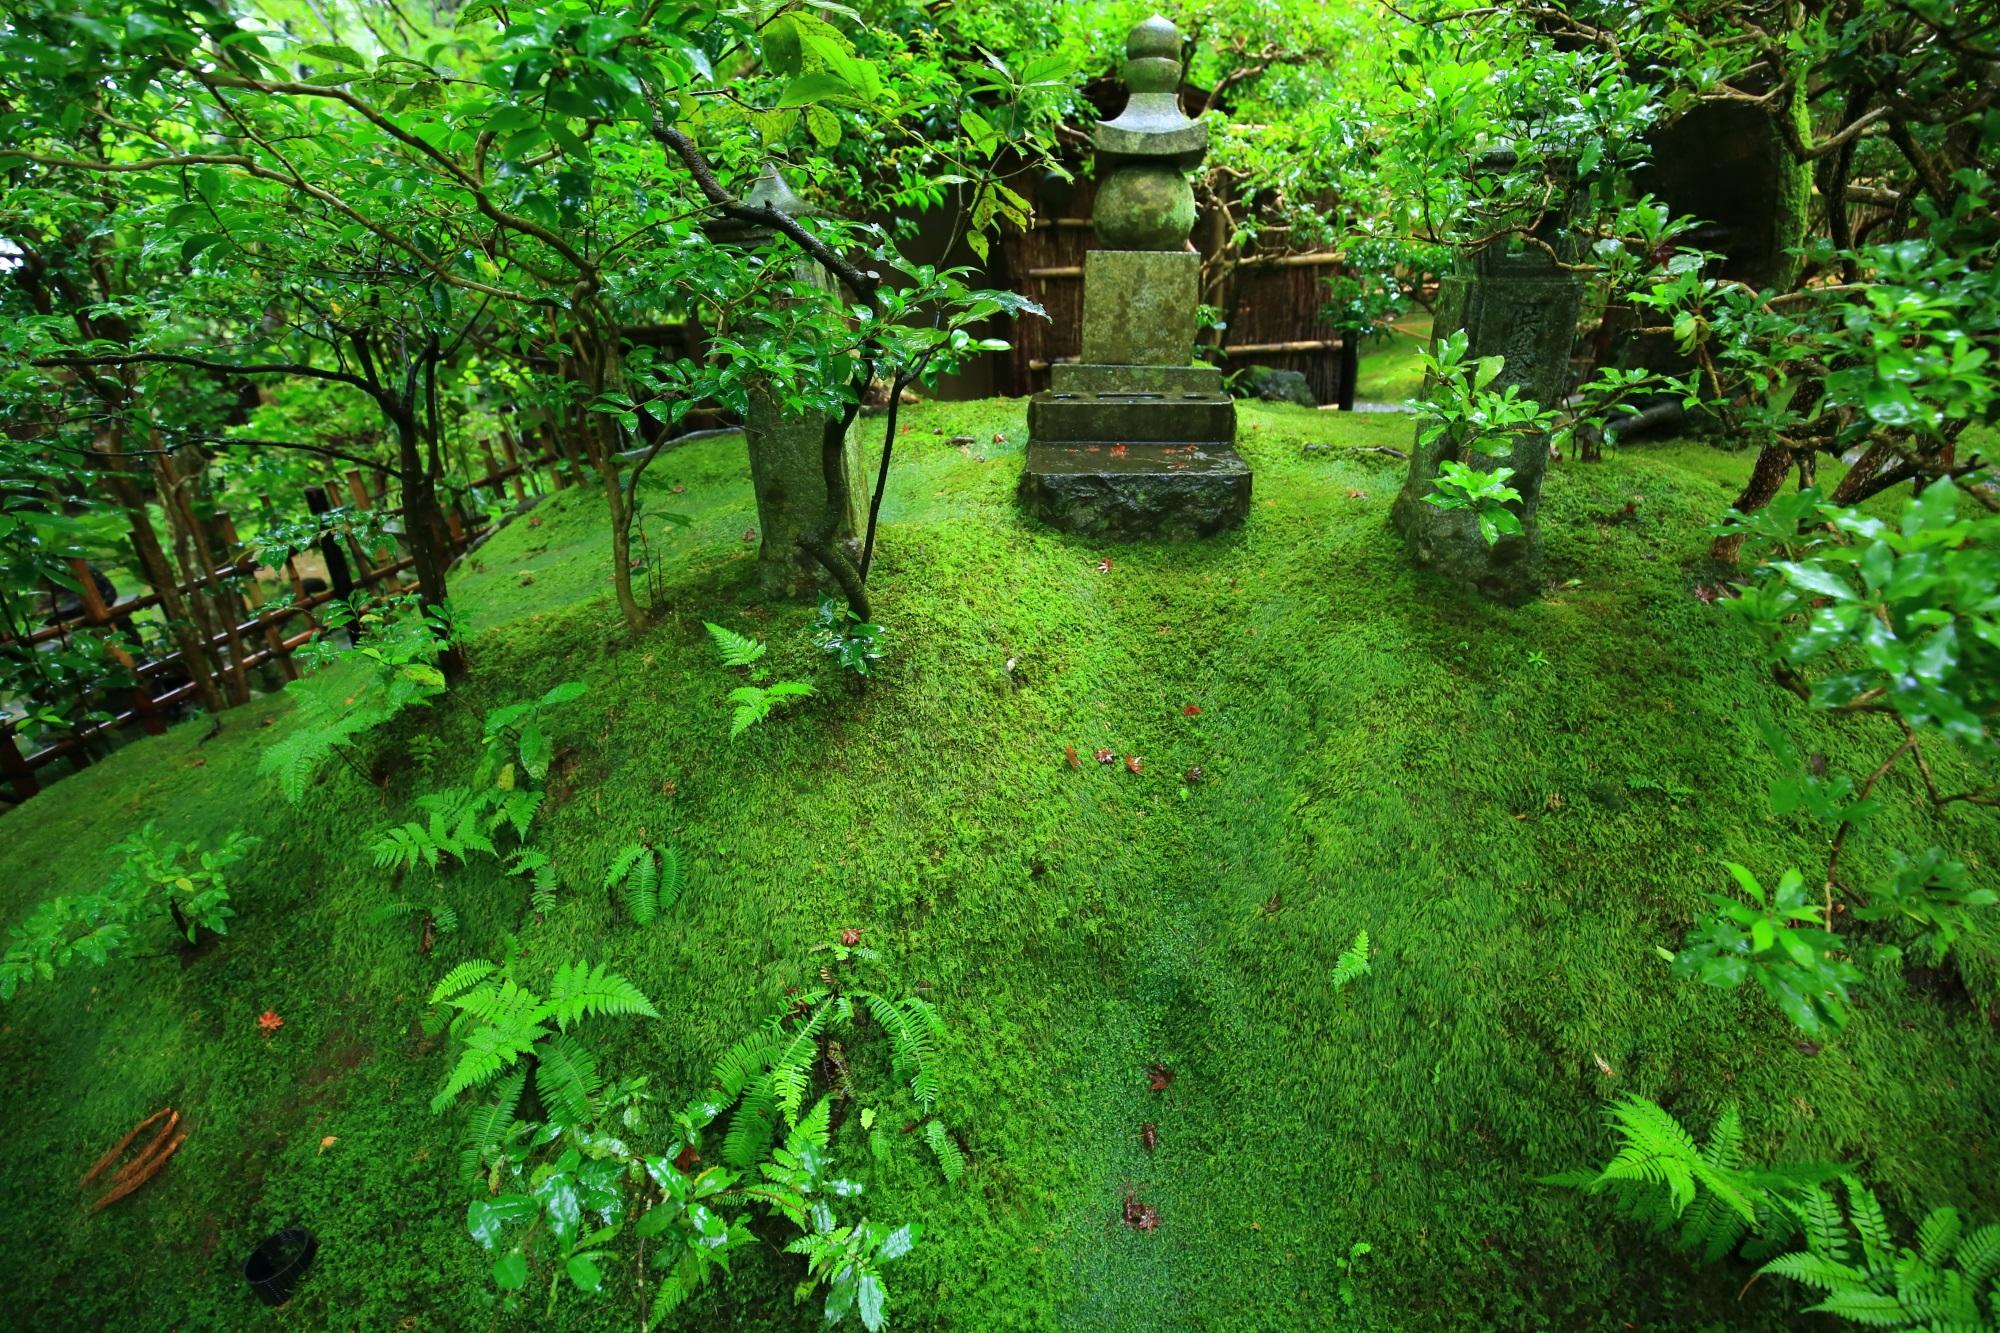 見事な苔や緑に佇む石碑(石塔)